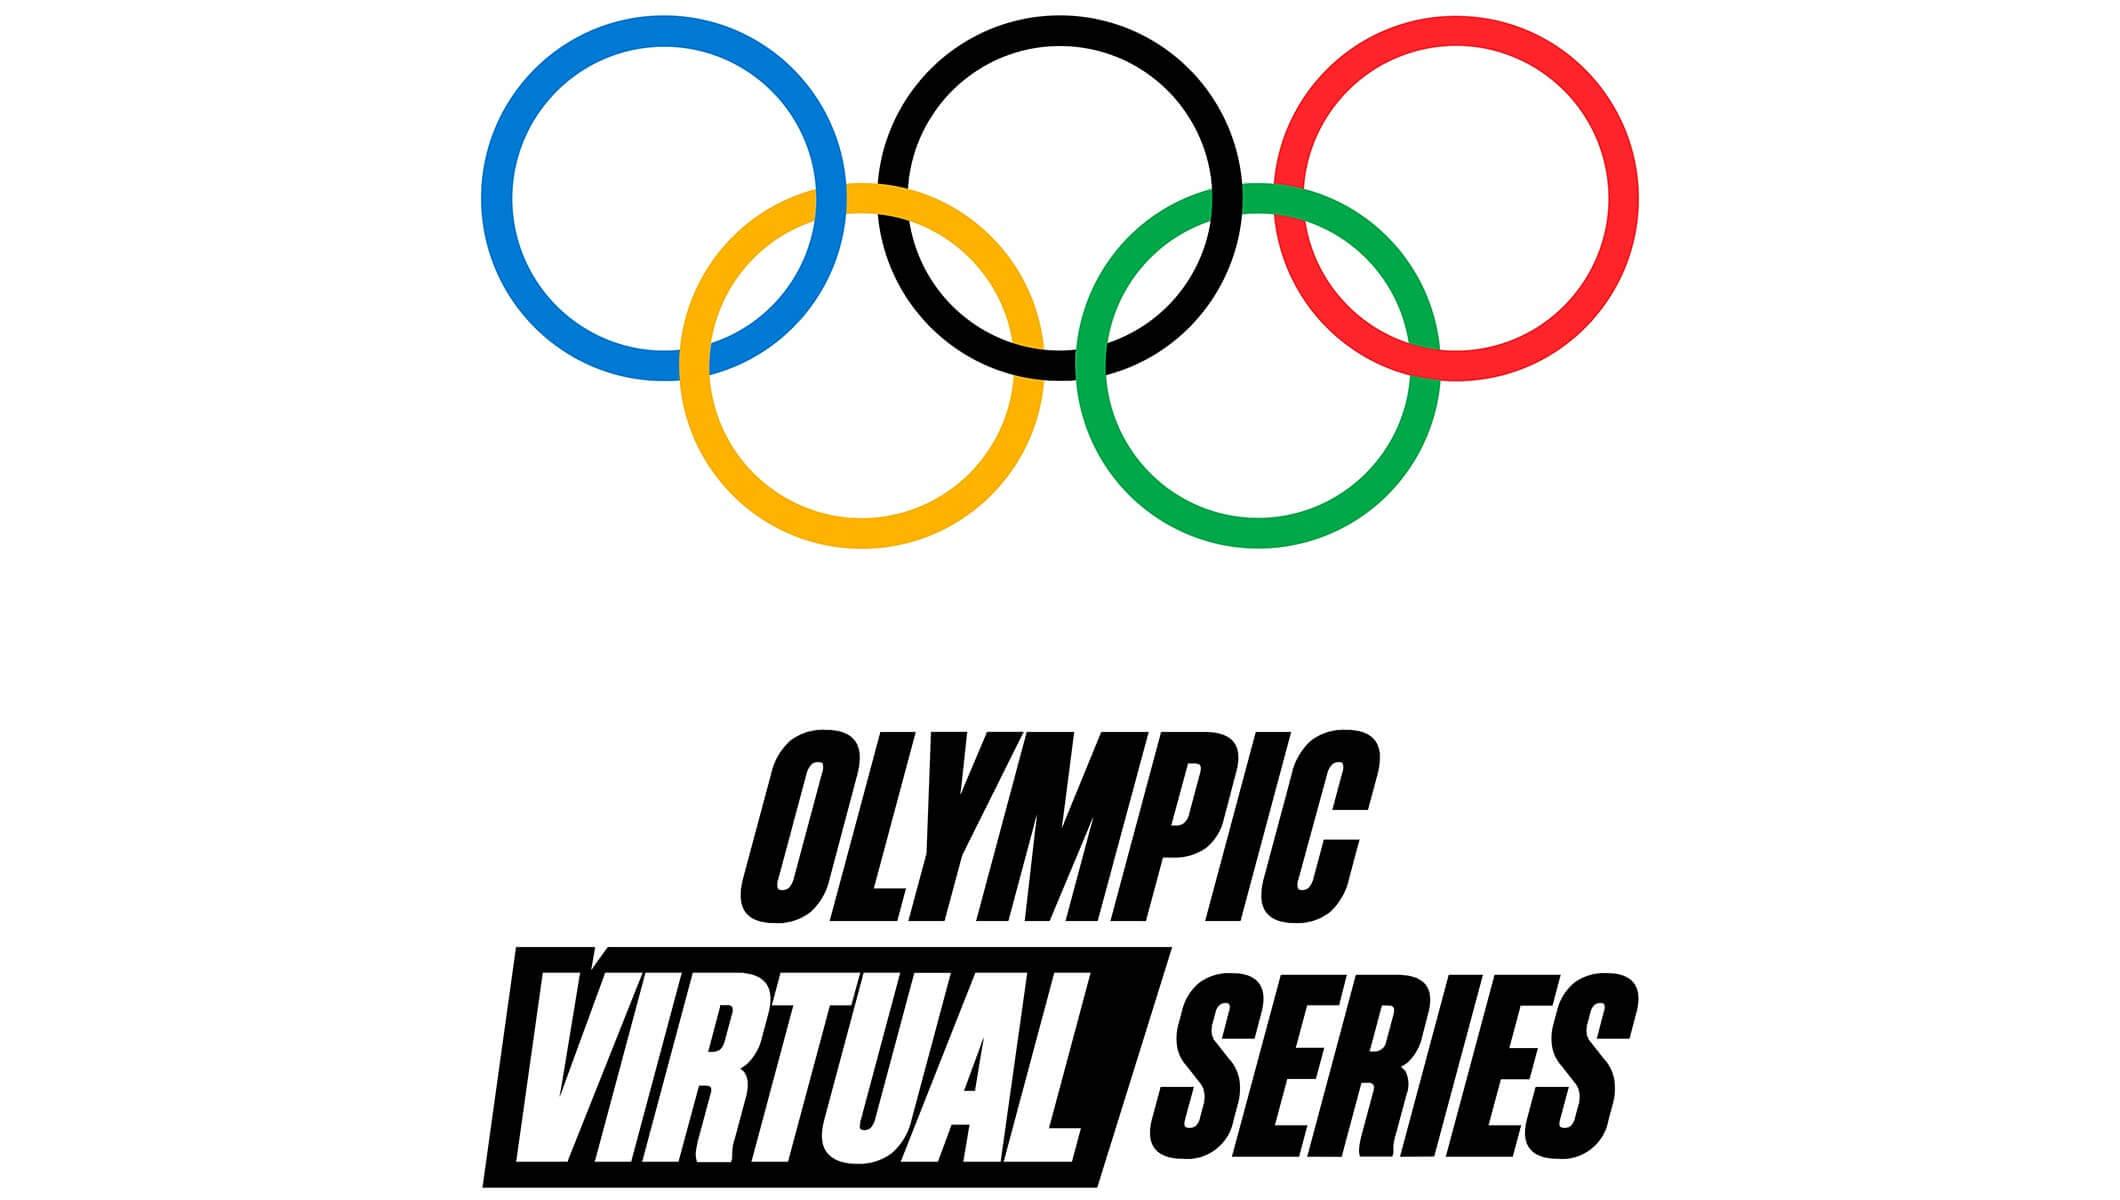 Dal CIO la Olypic Virtual Series